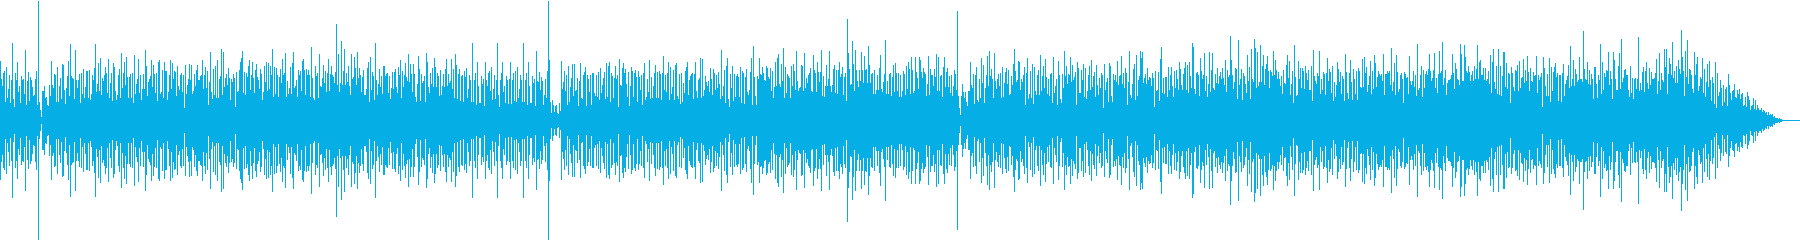 シャカタク風 軽快なジャズファンクの再生済みの波形